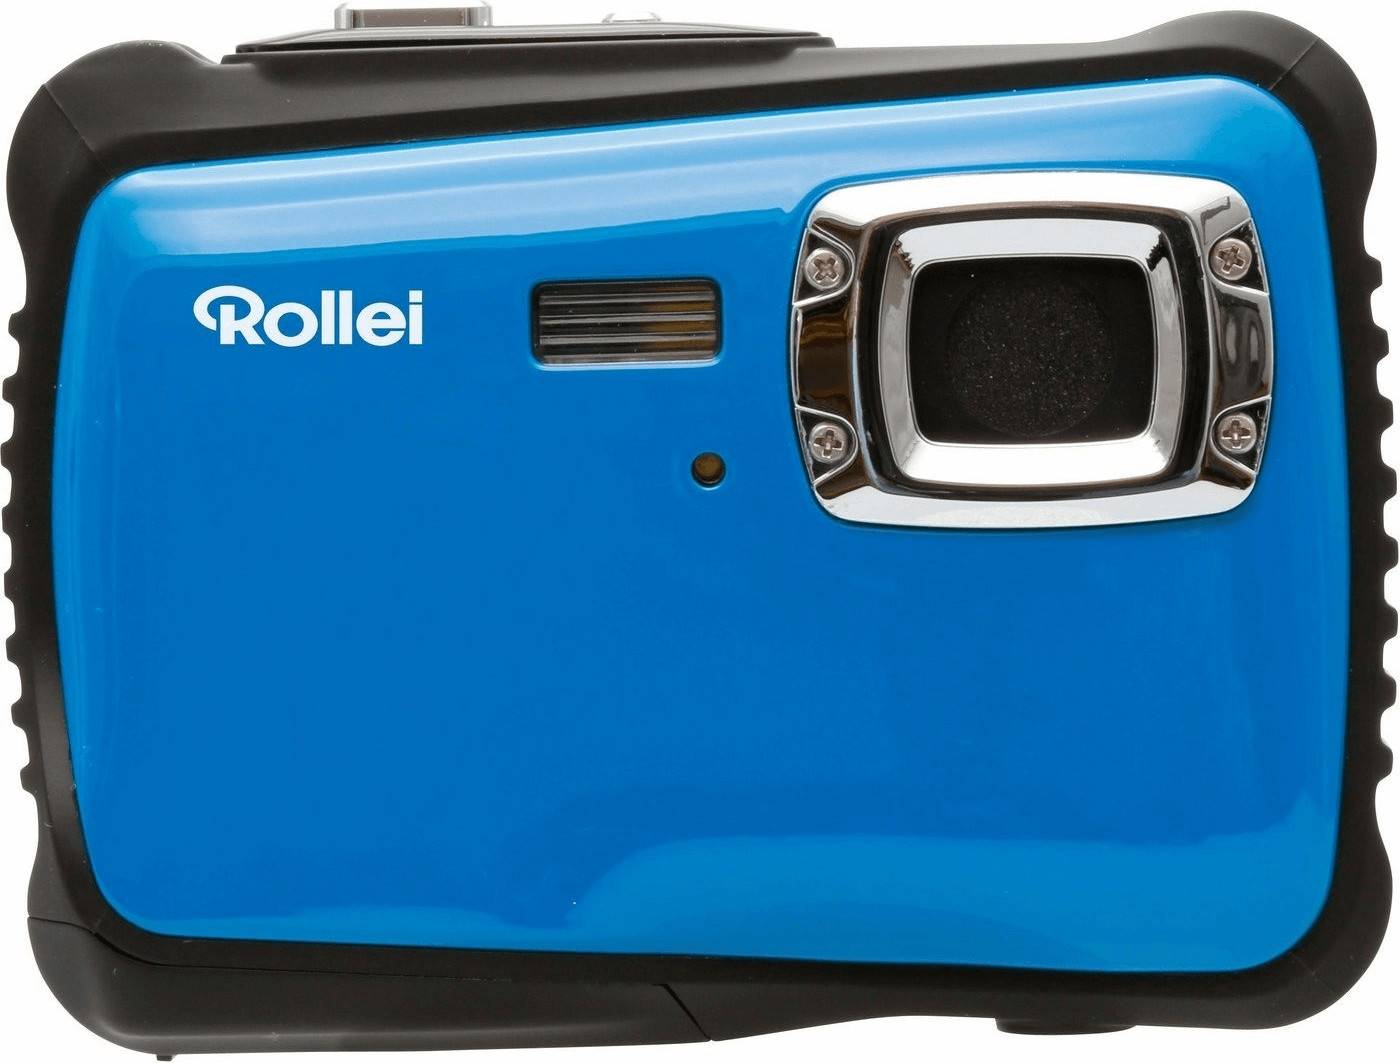 Rollei Sportsline 64 blue